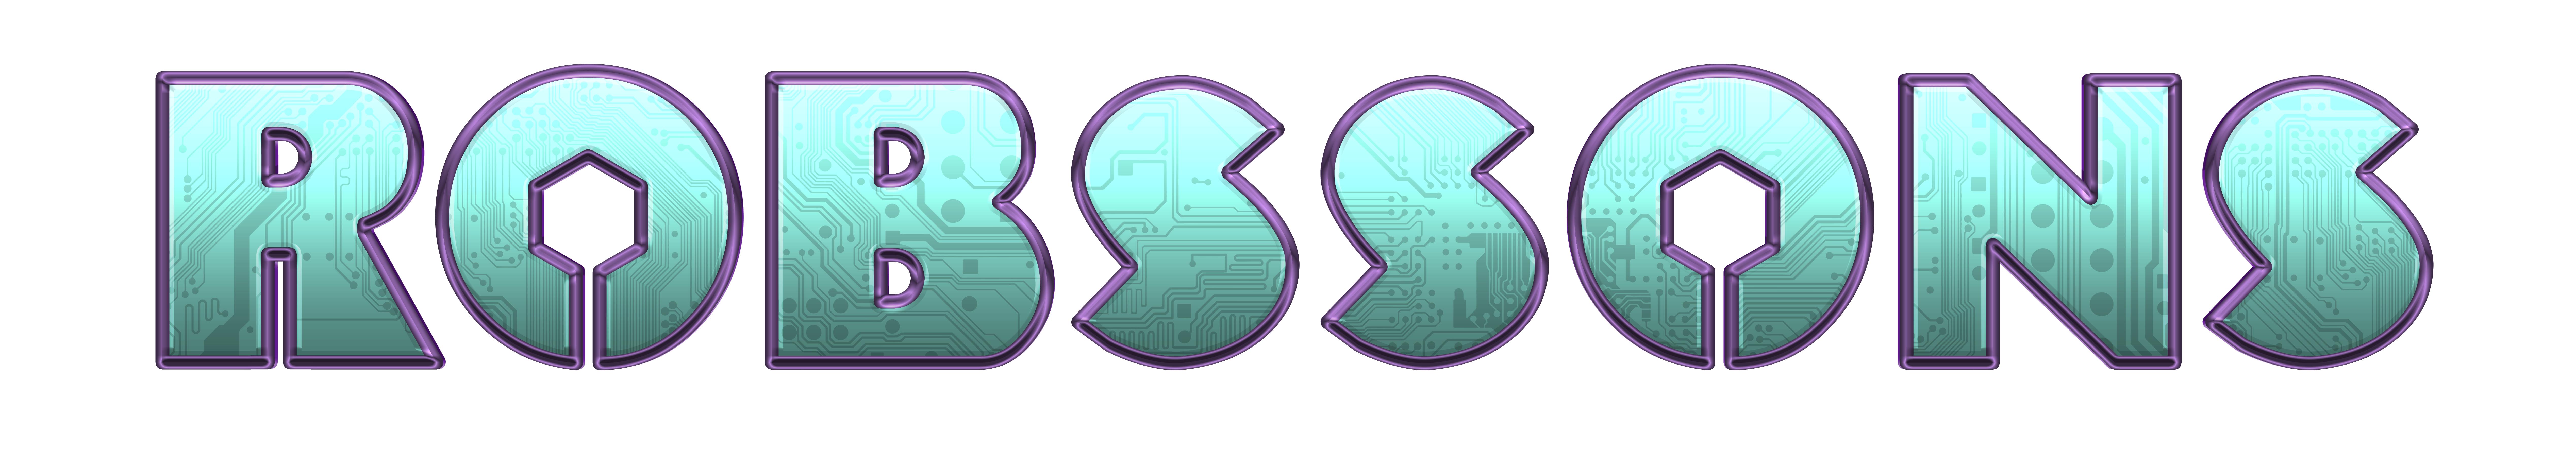 Robssons_logotyp_RGB_kretskort